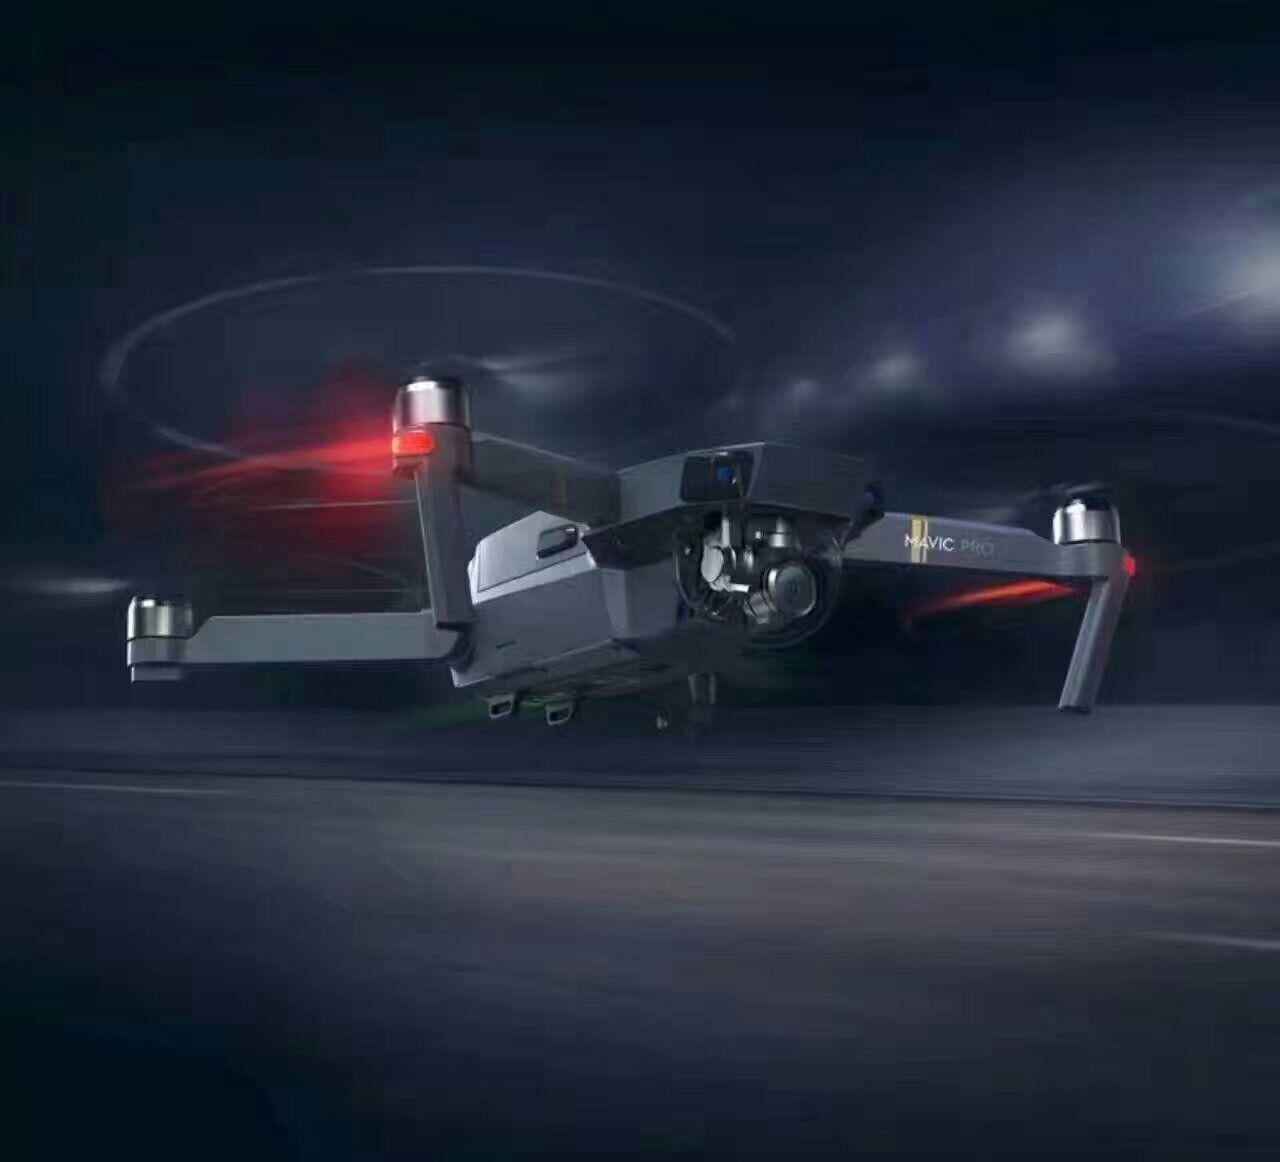 嘉峪关兰州无人机驾驶证培训-启远智能科技提供口碑好的甘肃大疆无人机